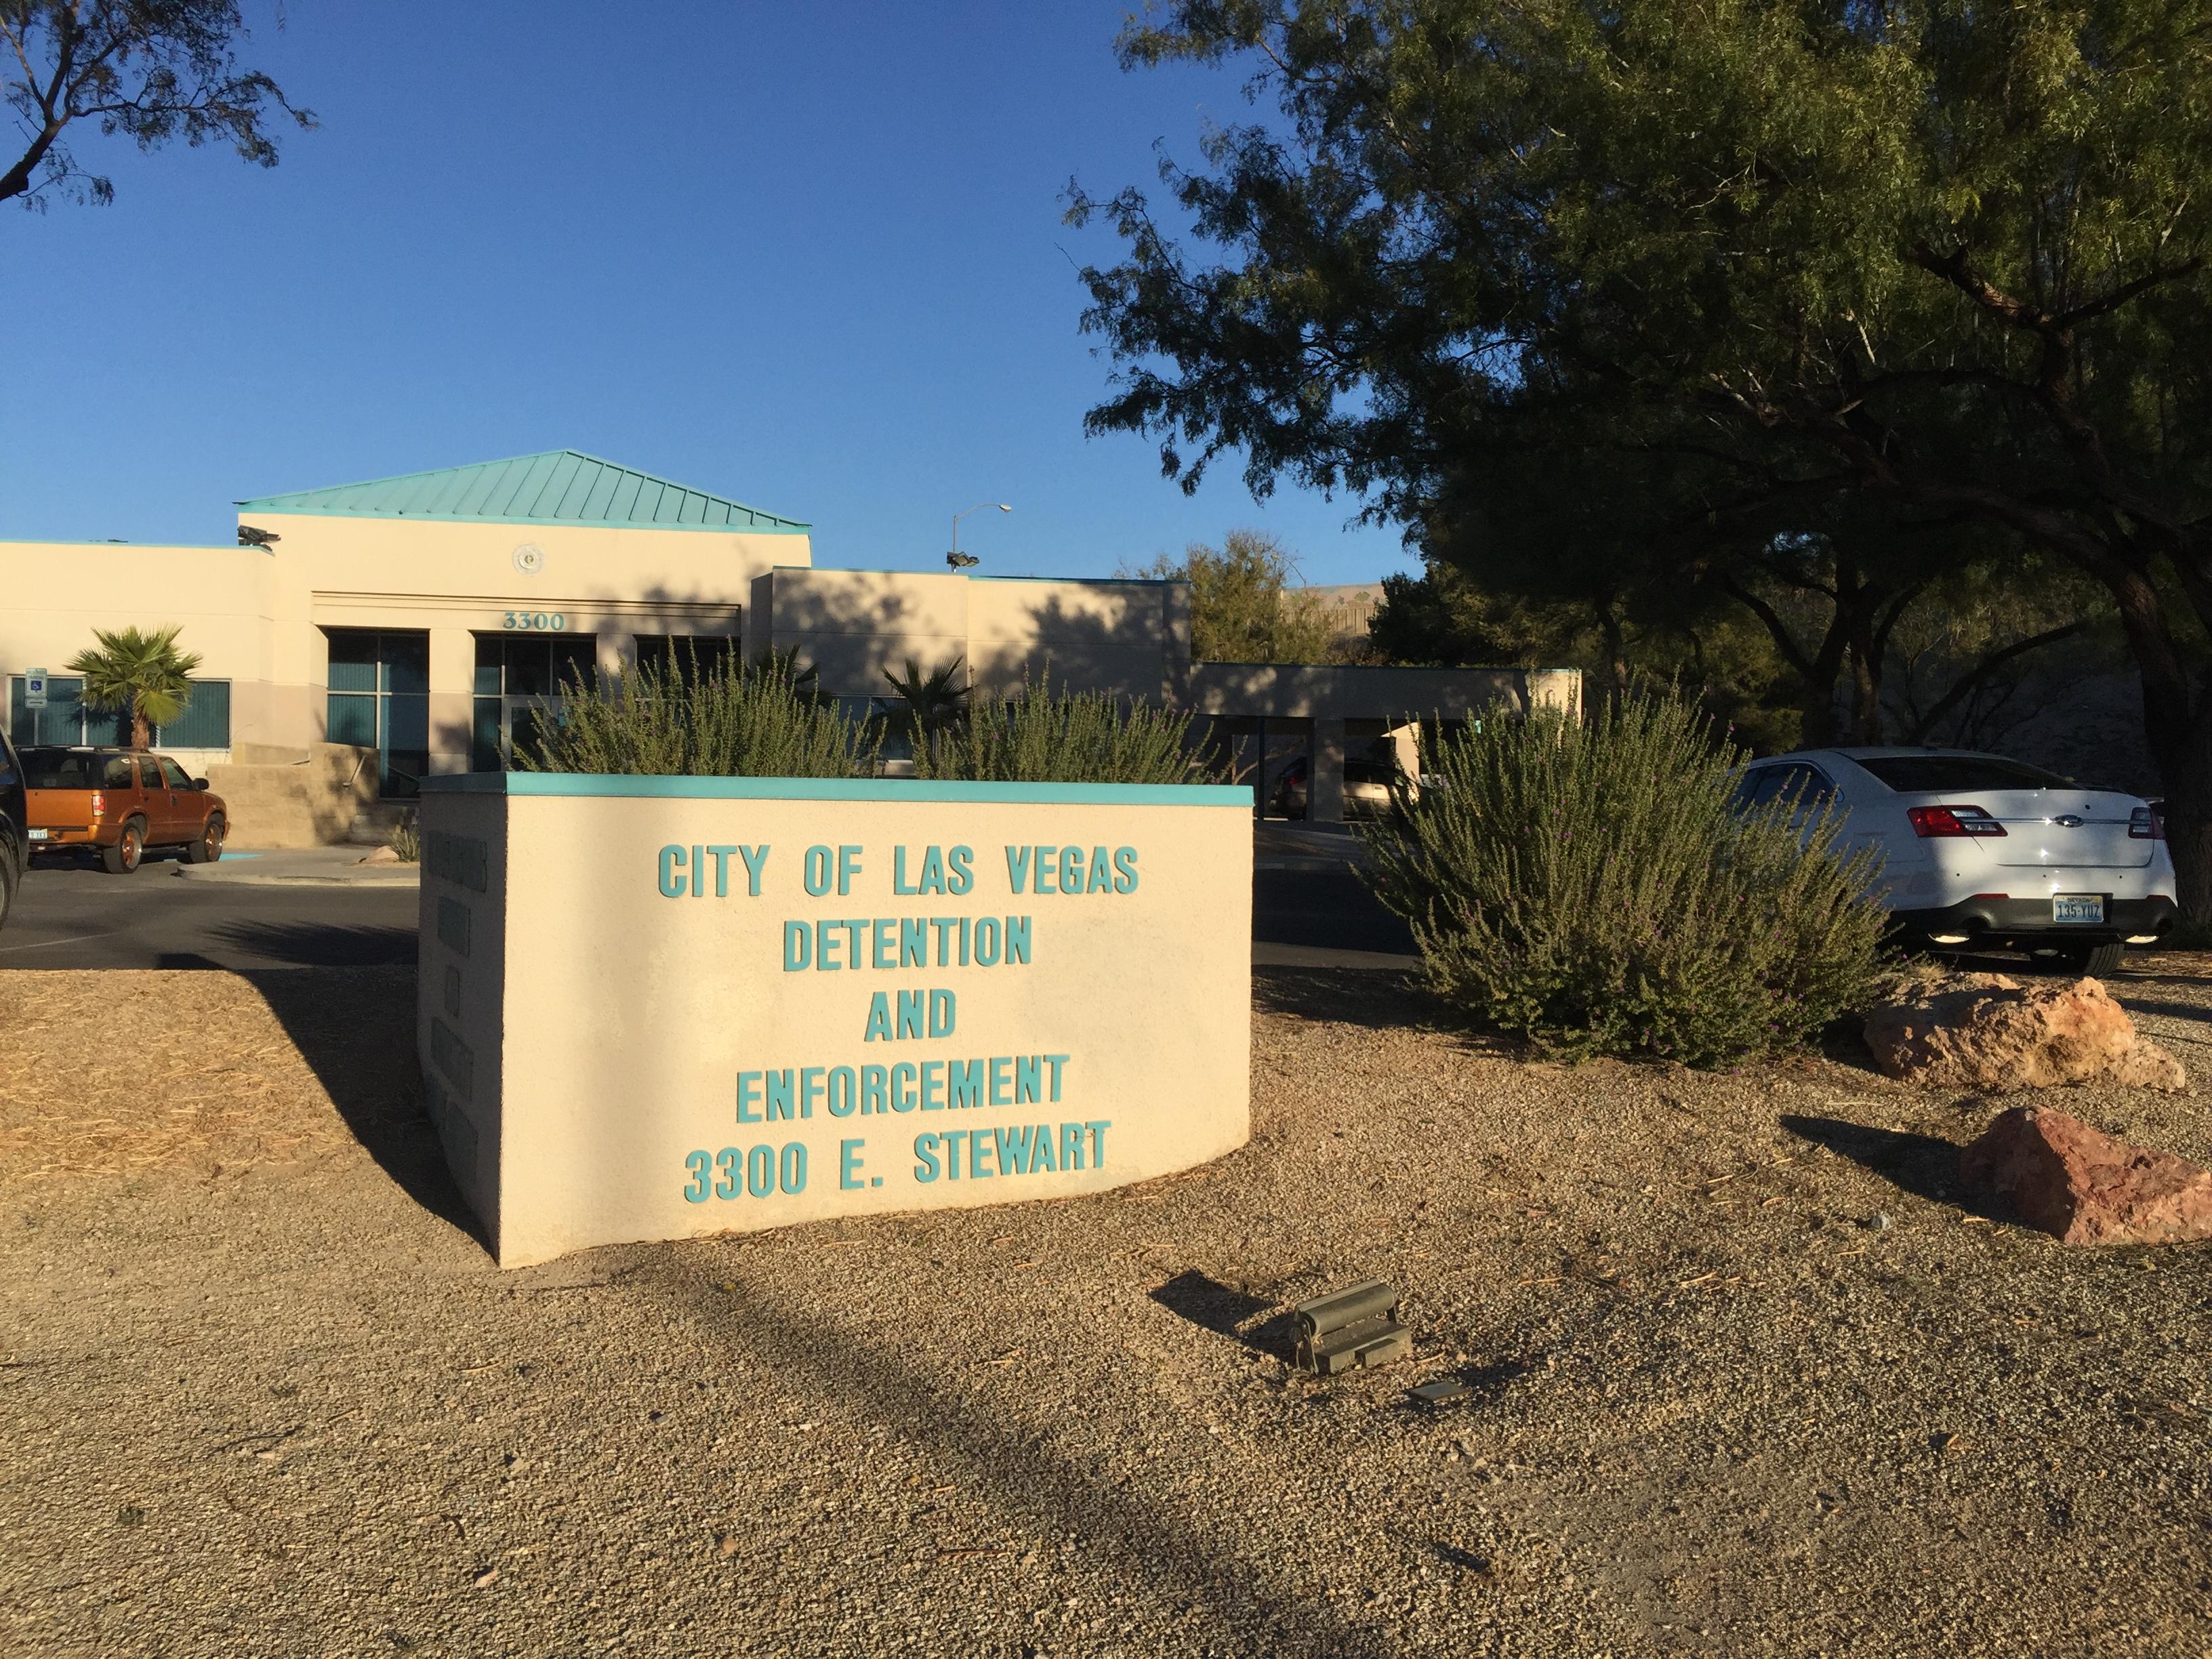 City of Las Vegas Detention and Enforcement Center